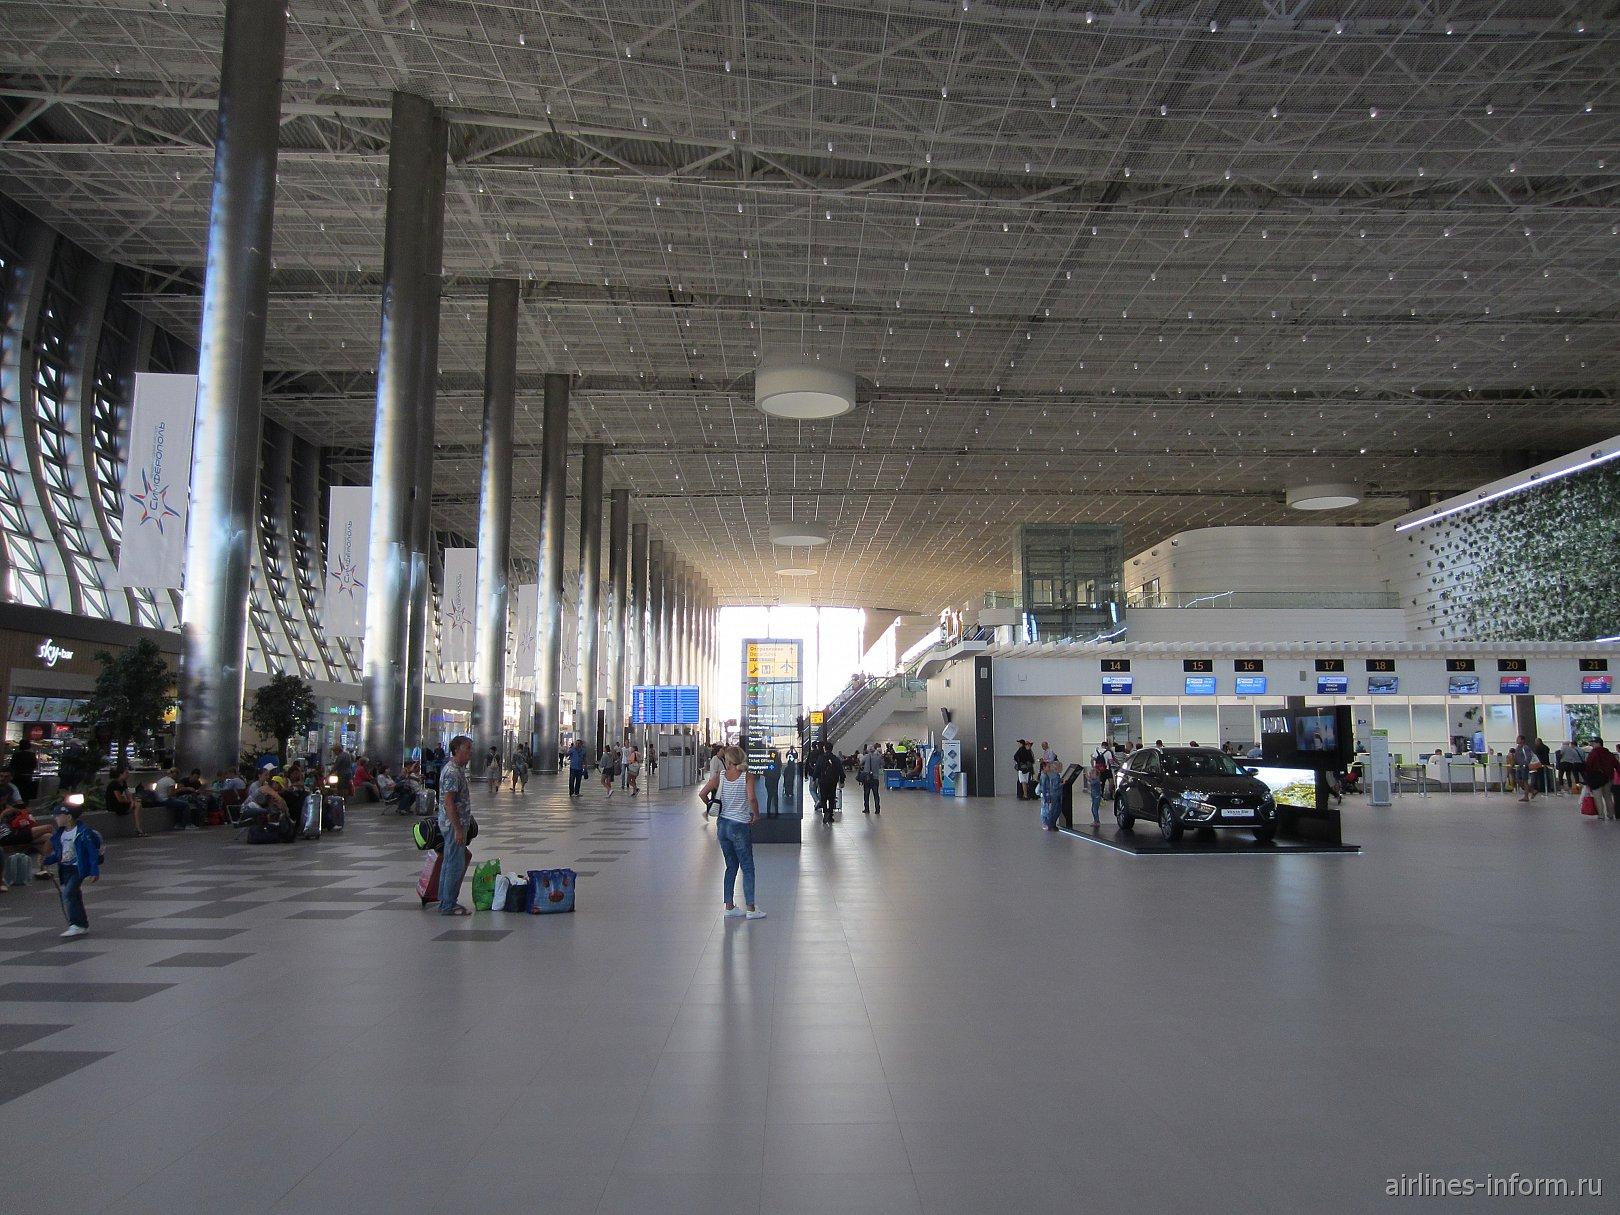 Центральный холл в новом пассажирском терминале аэропорта Симферополь